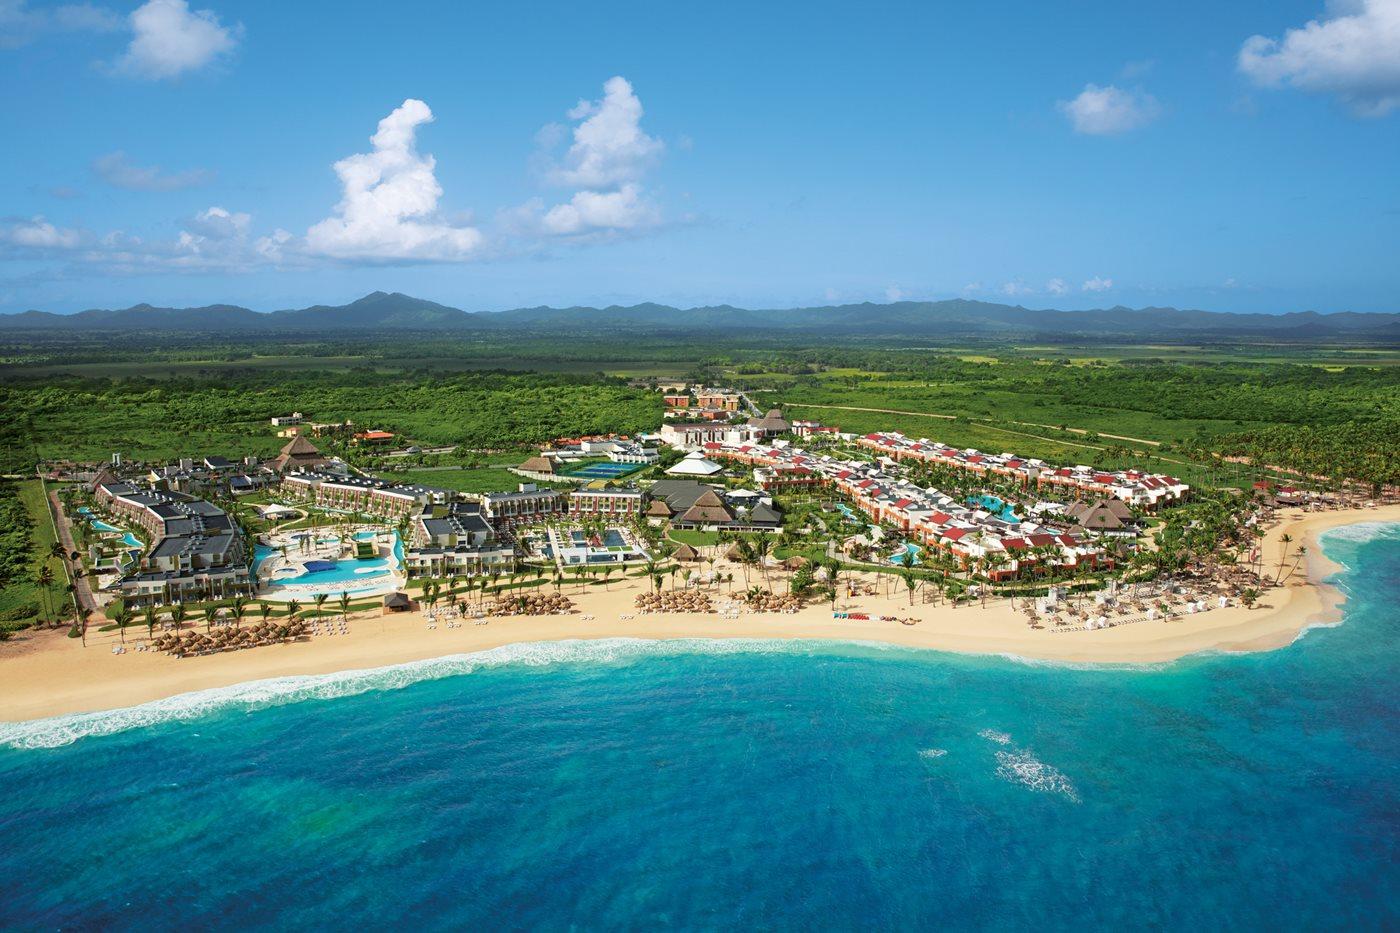 Voici le magnifique Now Onyx Punta Cana